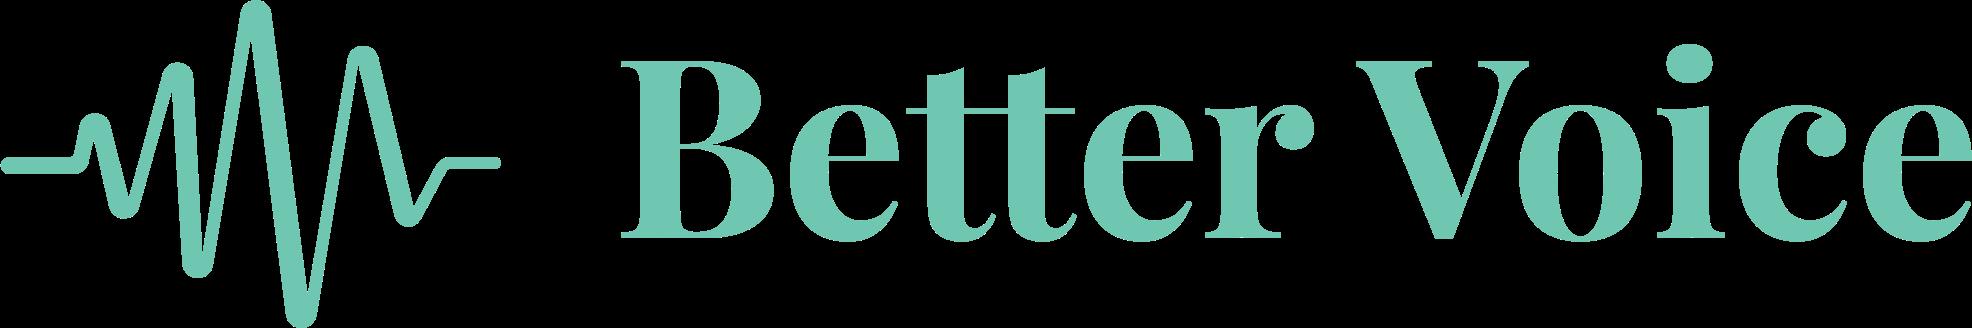 Better Voice for teachers logo